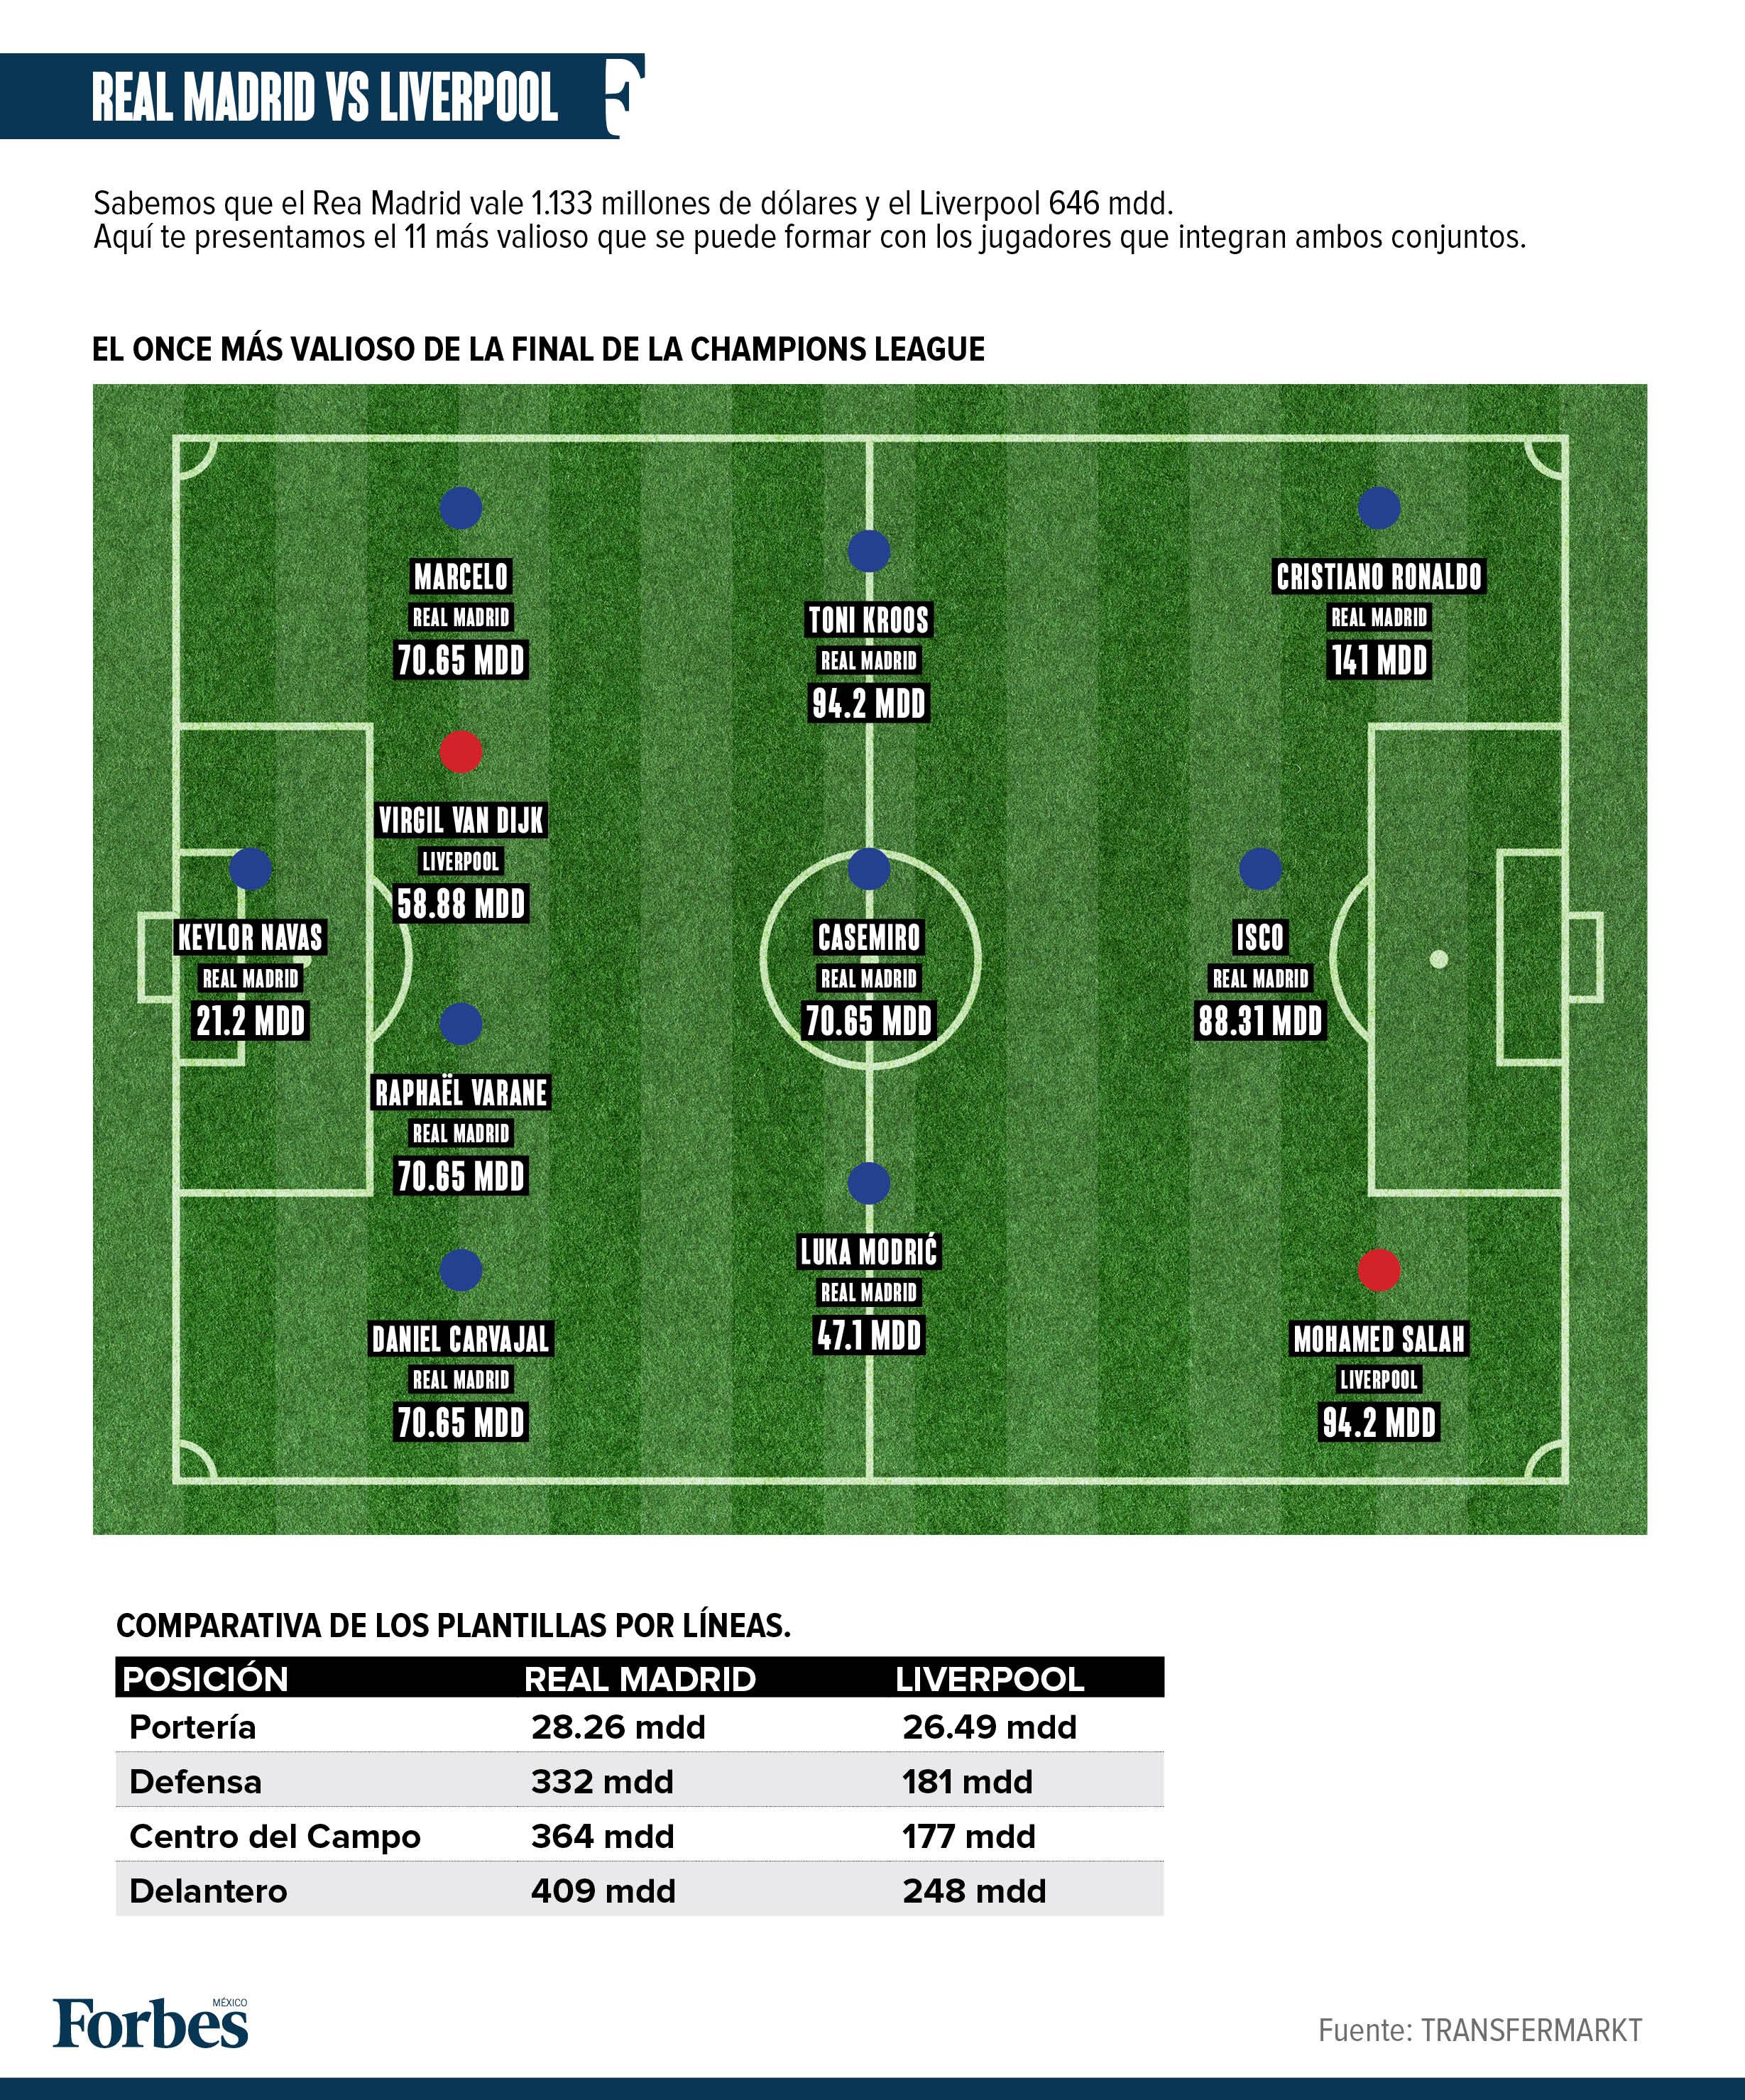 La Champions: Real Madrid y Liverpool juegan un partido de 1,700 millones de dólares